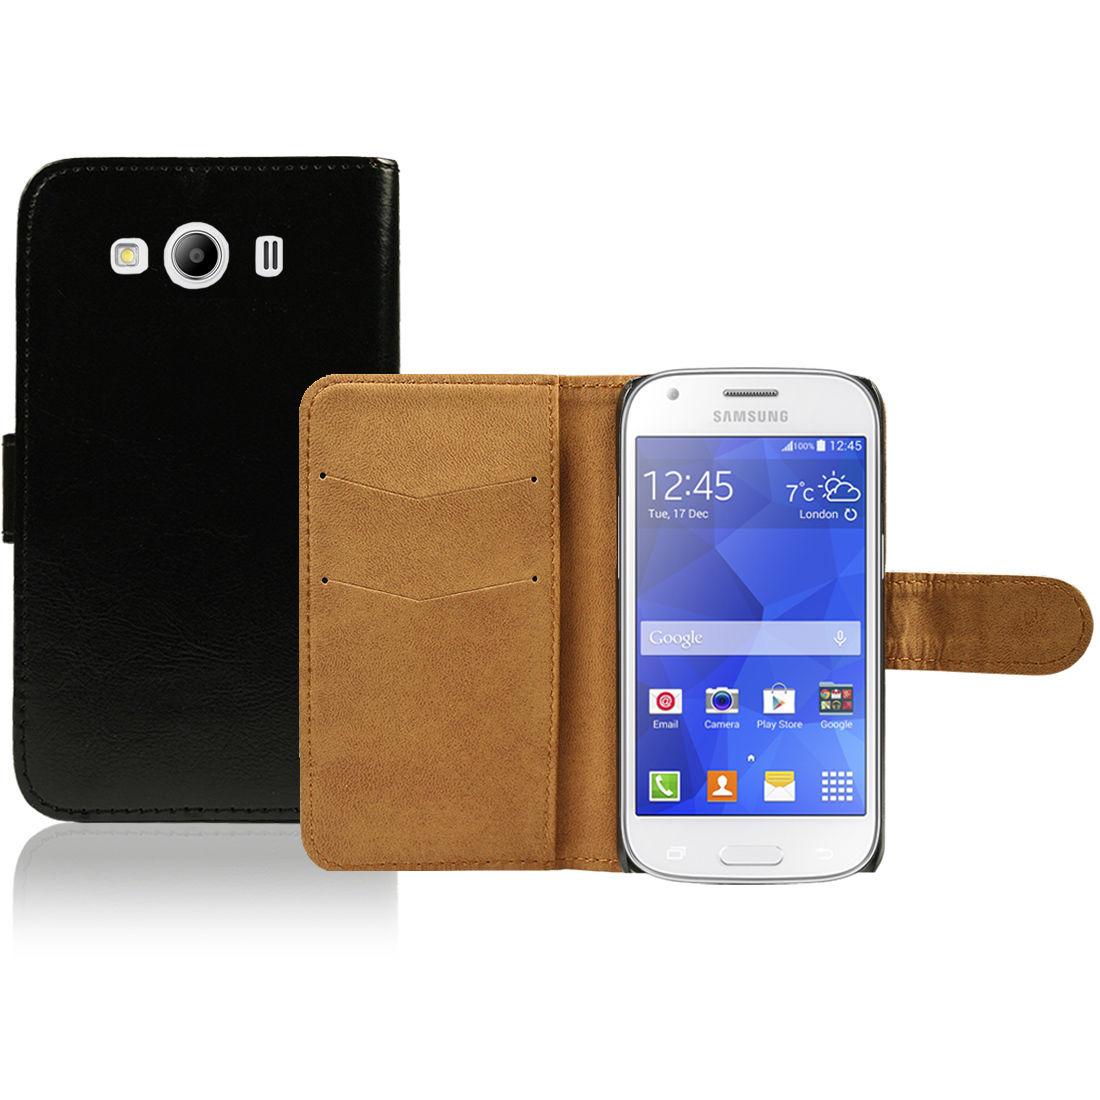 Pouzdro pro Samsung Galaxy Ace 4 SM-G357 černé